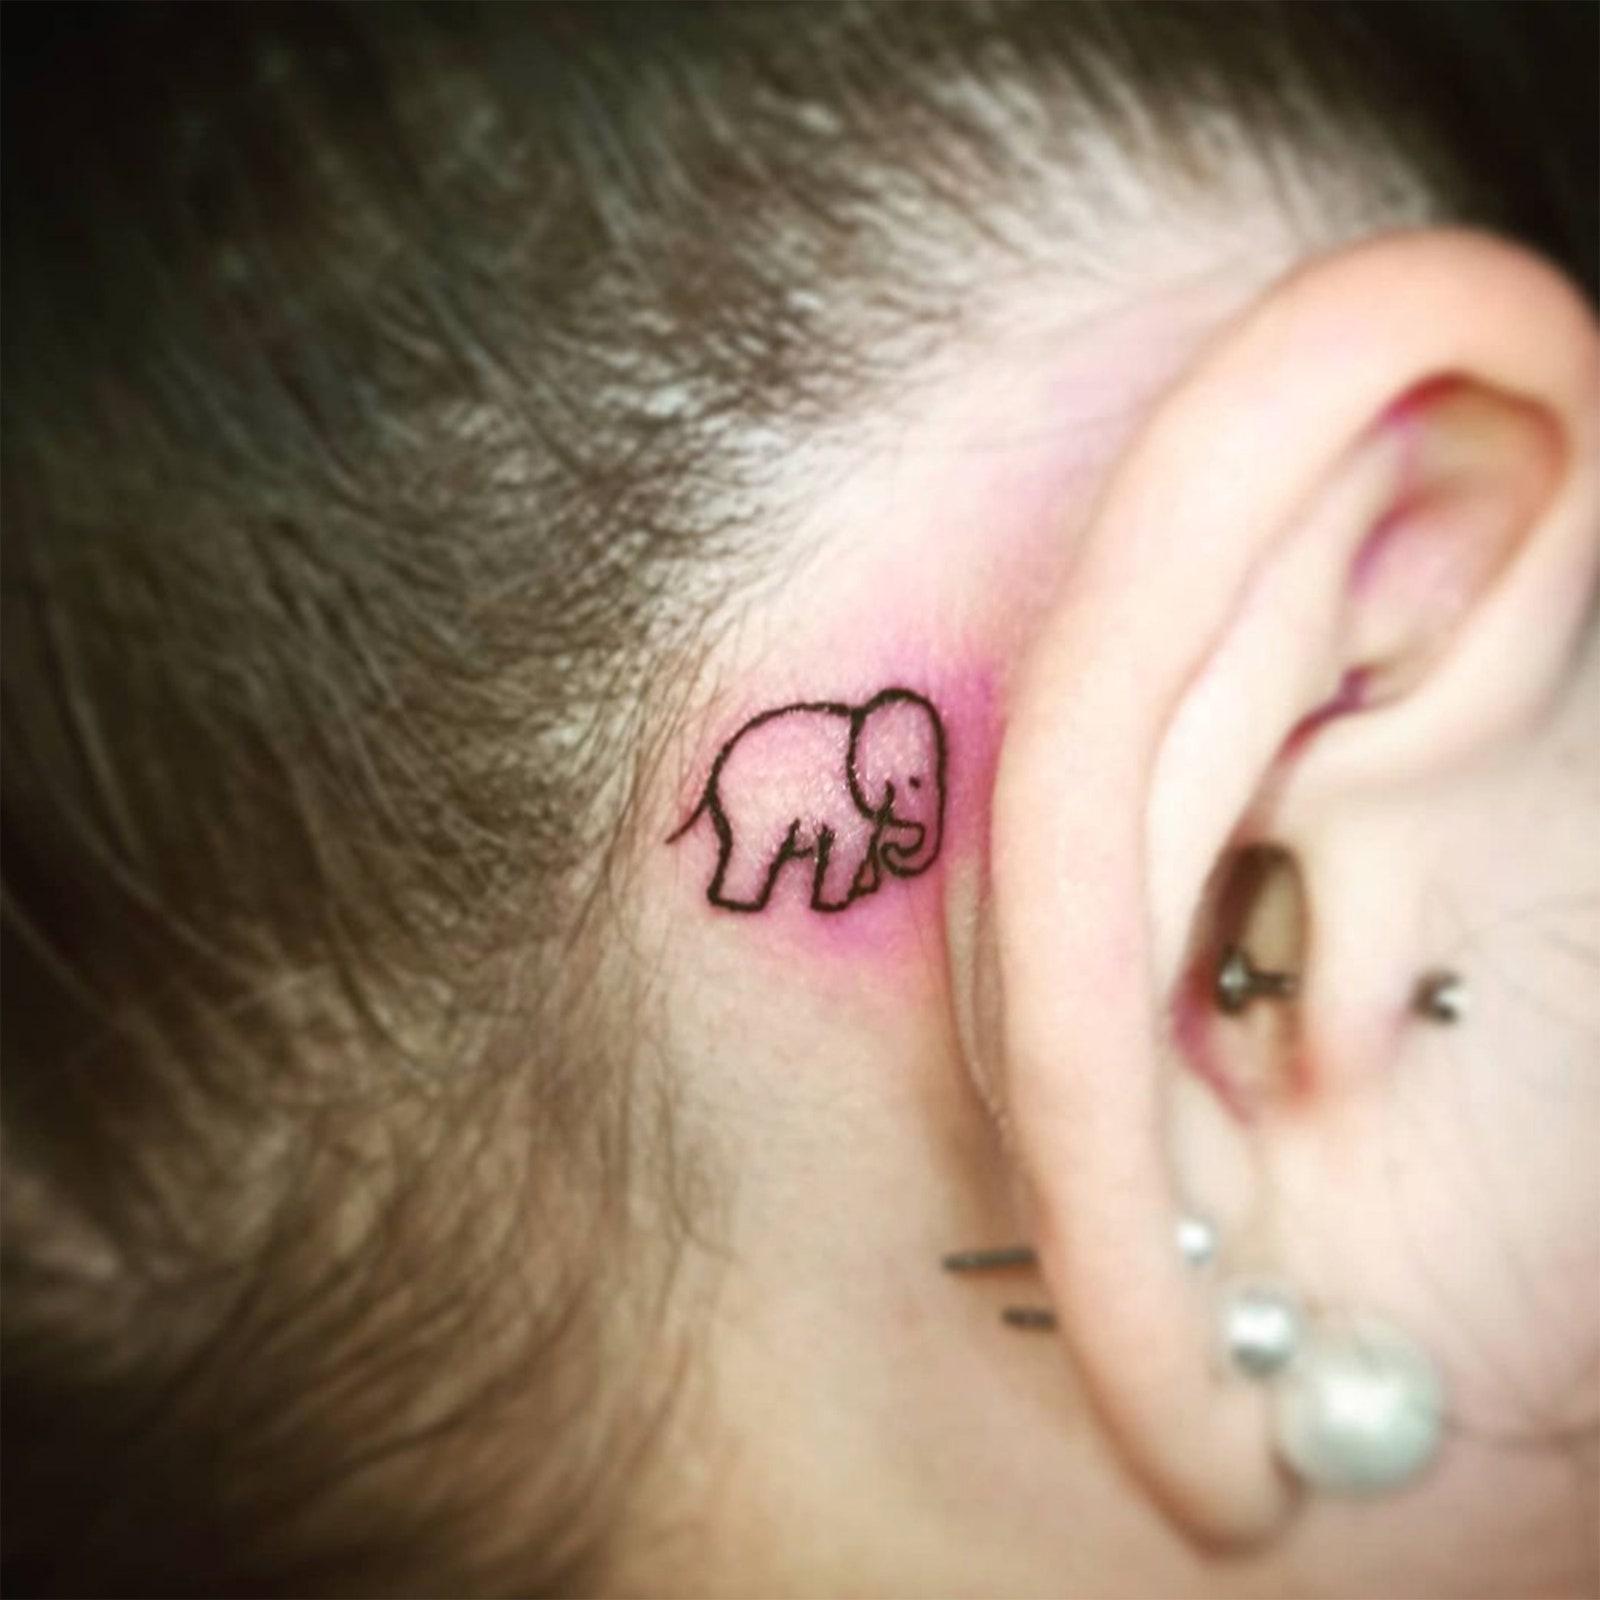 ear tattoo